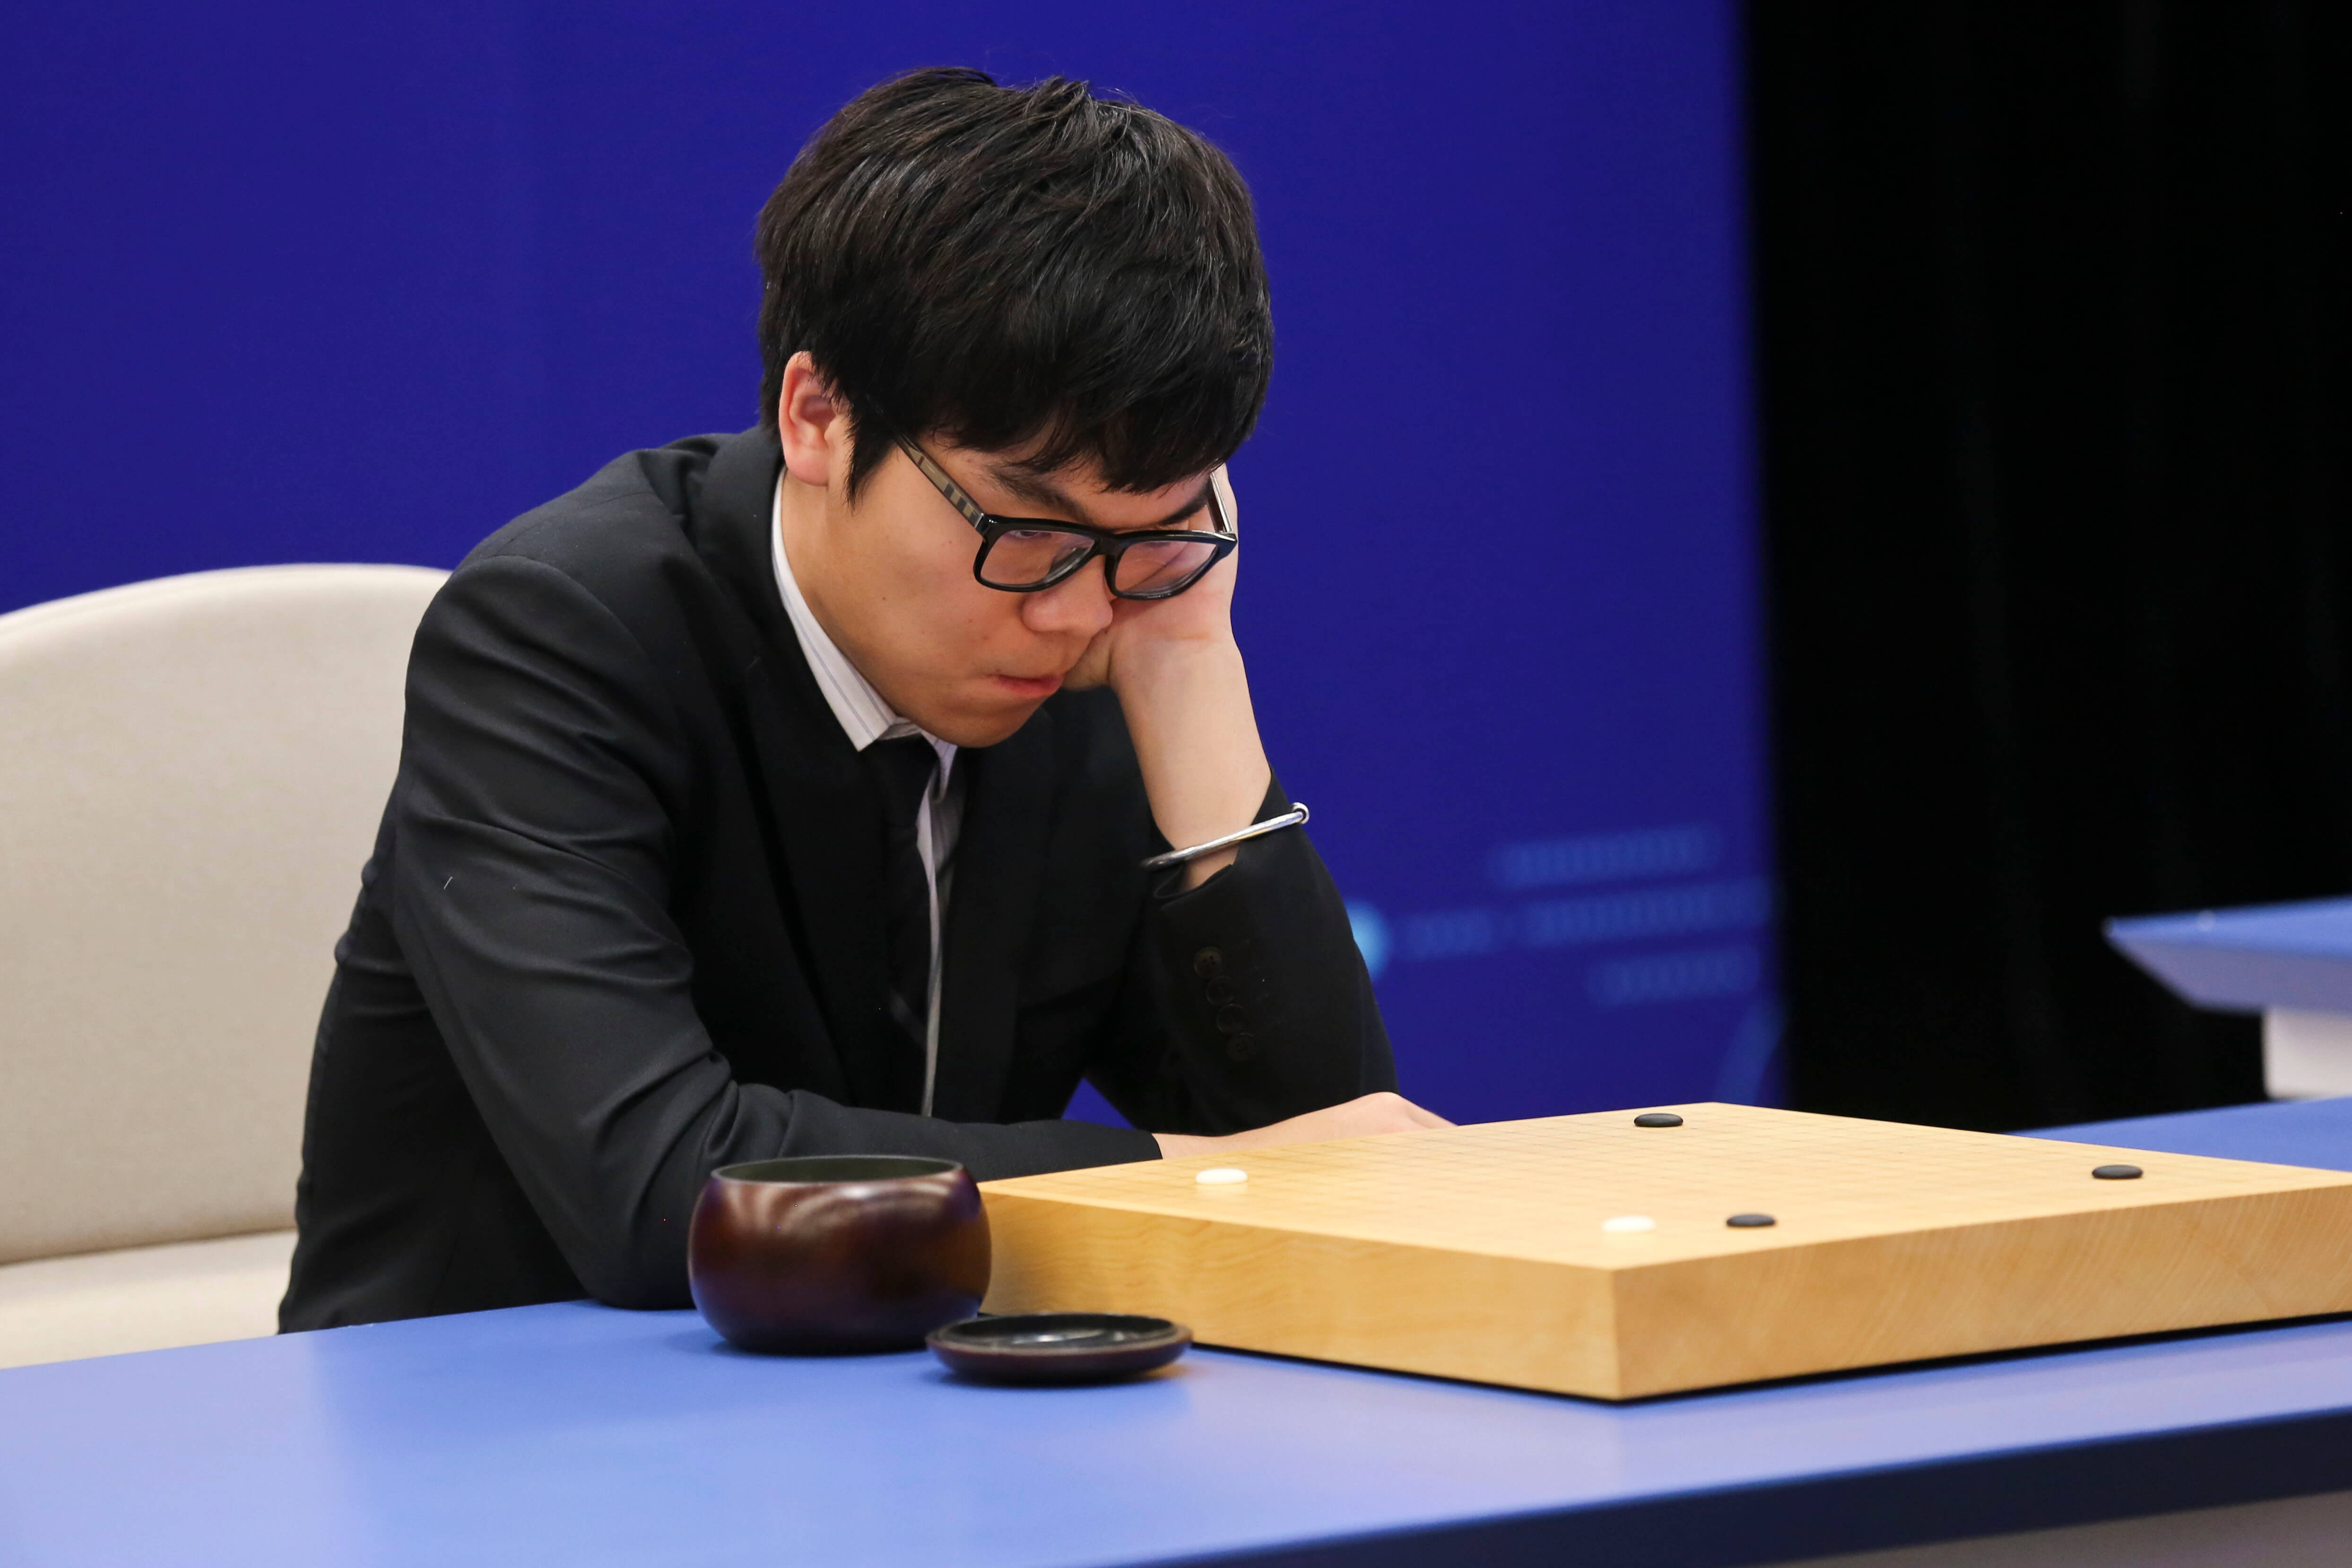 Google's AlphaGo Challenges World's Best Go Player In Wuzhen